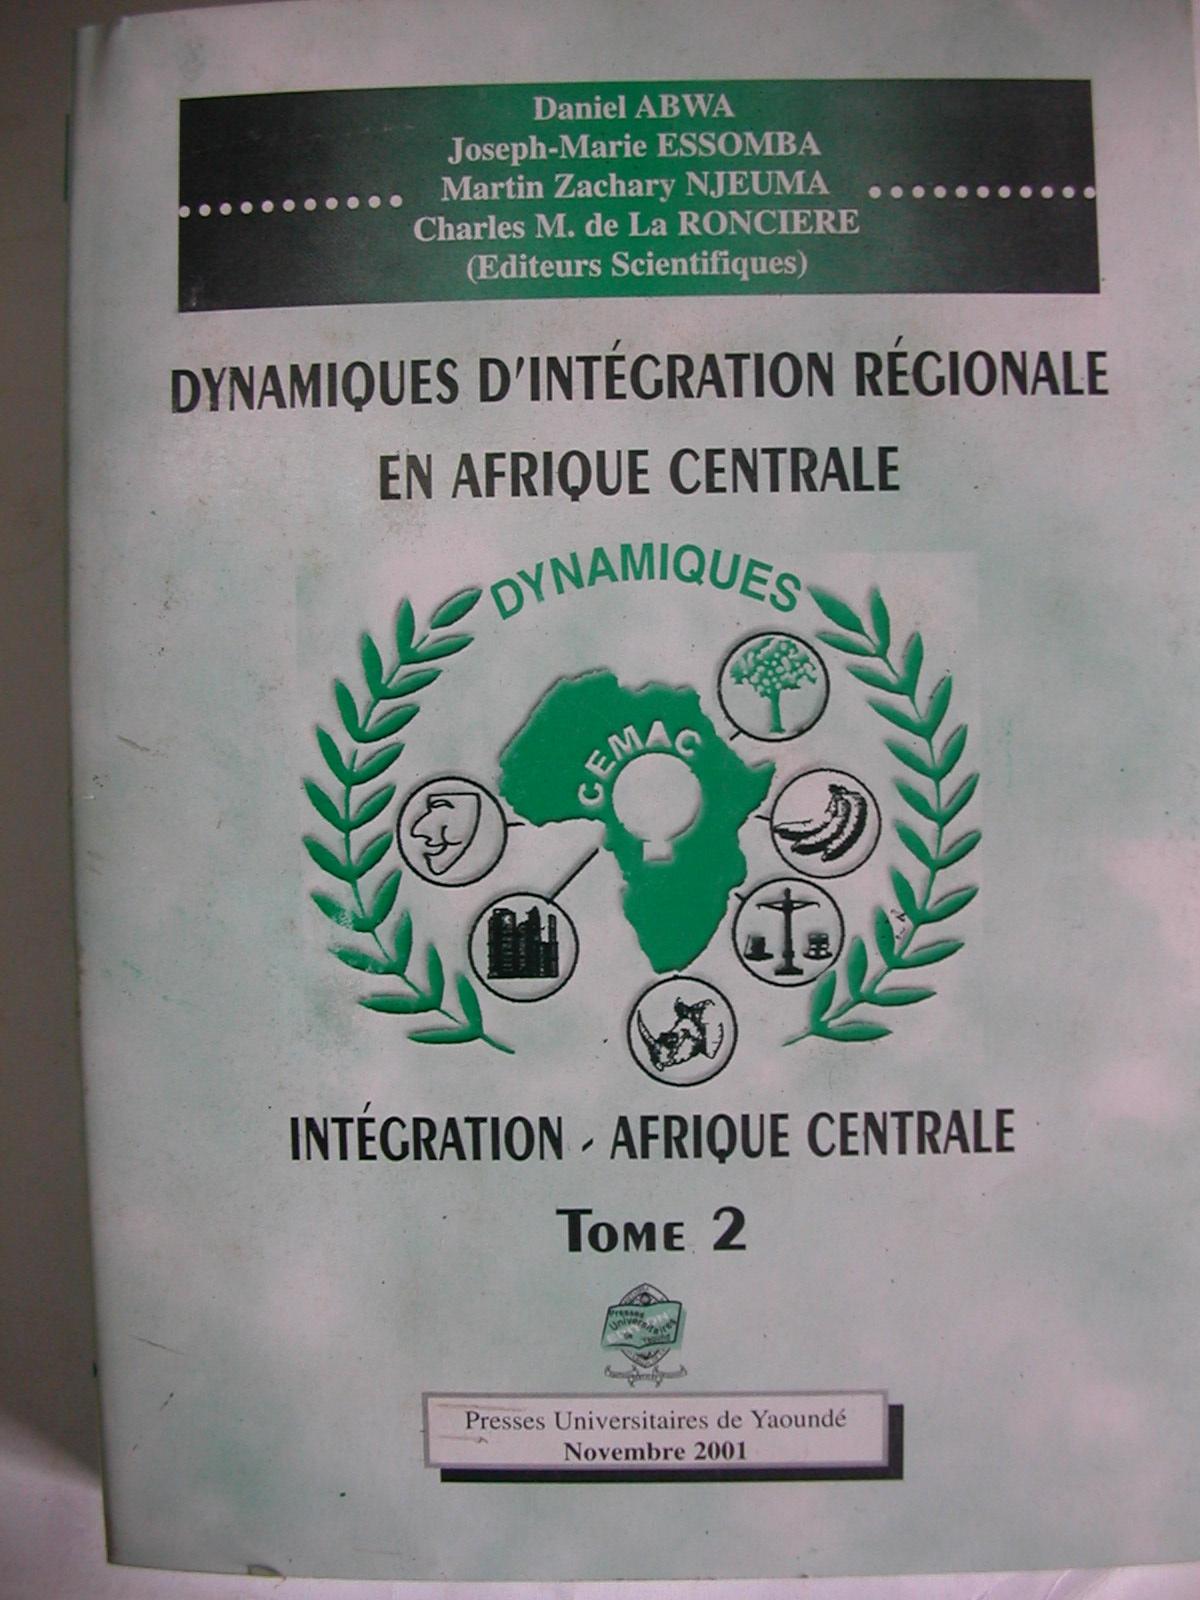 Dynamiques d'intégration régionale en Afrique centrale (2001)1